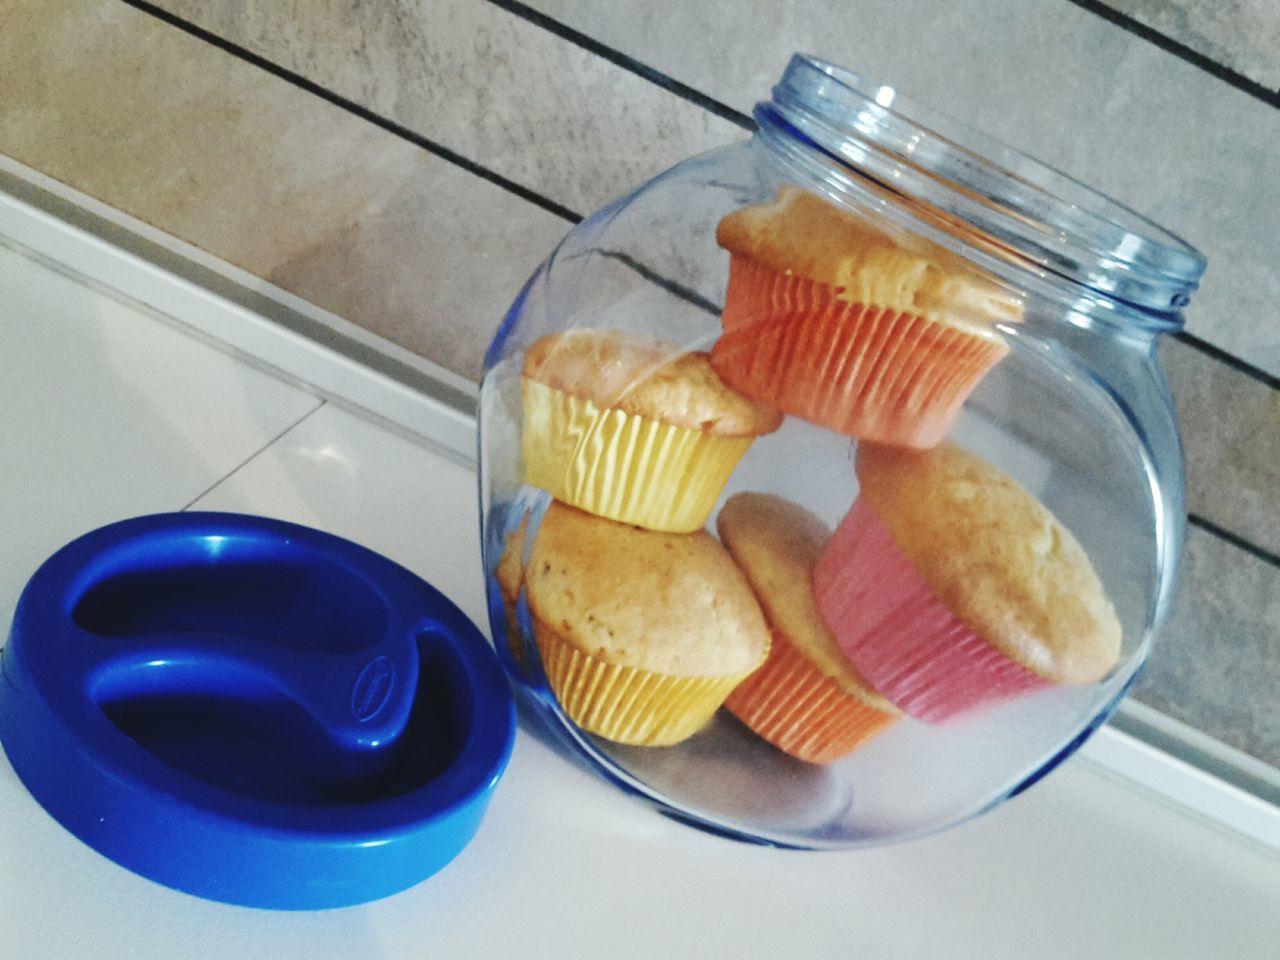 Muffin Dolci Dessert Muffinporn Muffin Morning Pranzodelladomenica Dinner Time Zucchero Dolcezza Dolce ♥ Golosità Caffe Time Colazione Barattolo